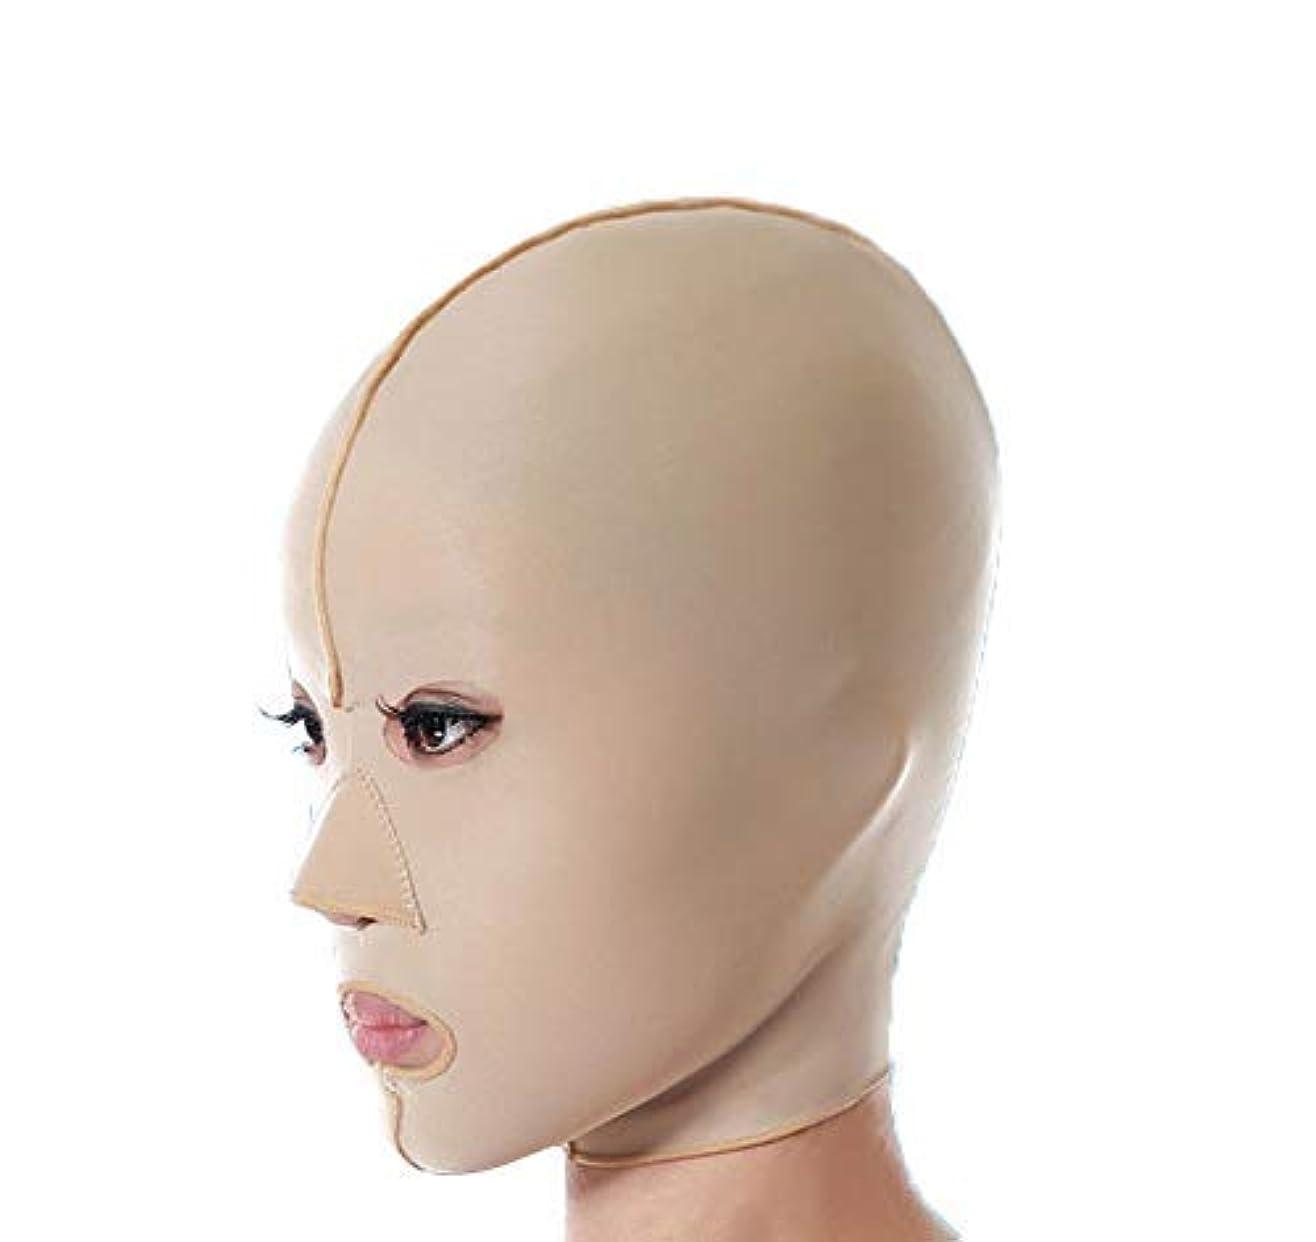 ニュージーランドマーキング時々時々ファーミングフェイスマスク、フェイシャルマスク医学強力なフェイスマスクアーティファクト美容垂れ防止法パターンフェイシャルリフティングファーミングフルフェイスマスク(サイズ:M),S